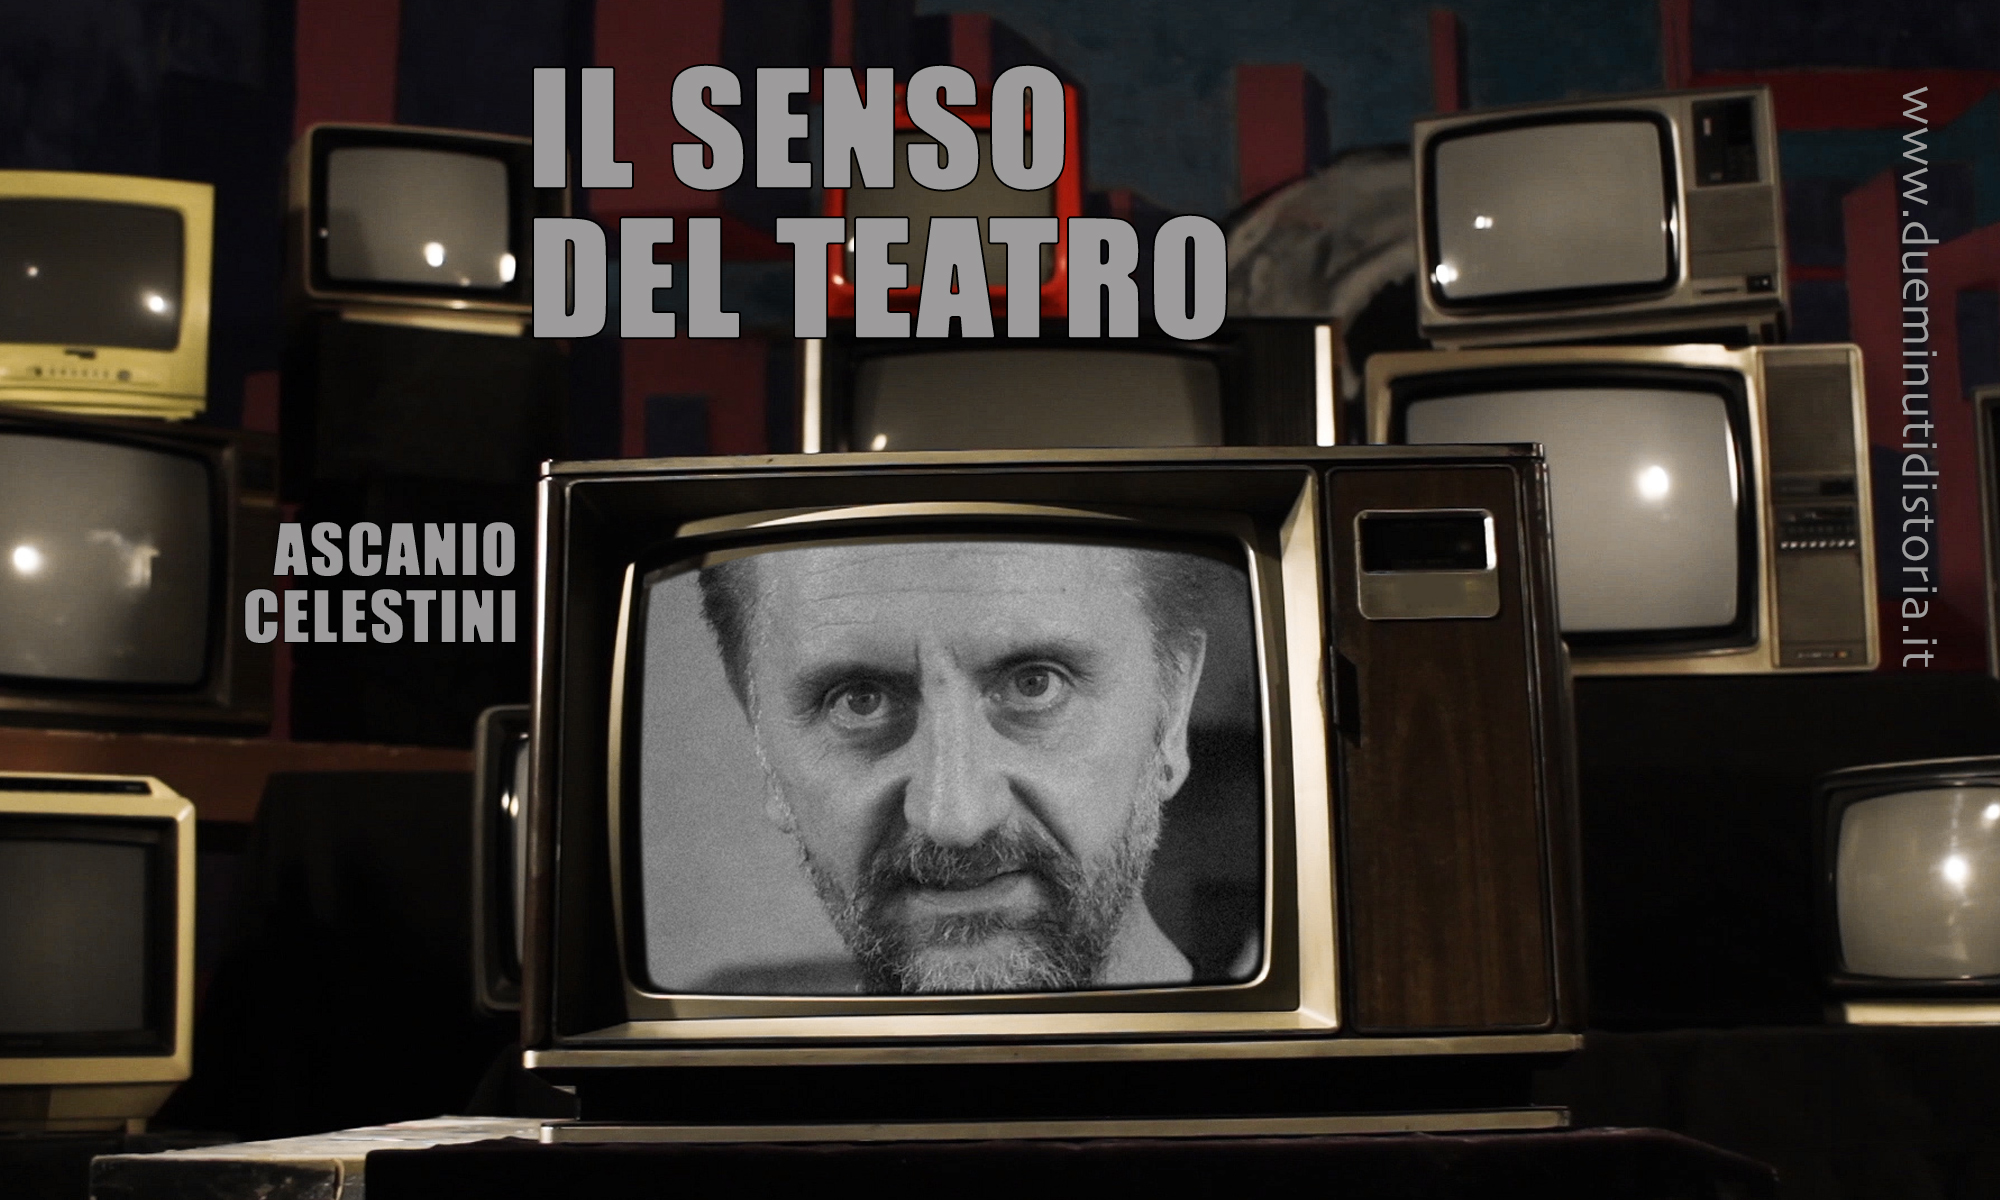 Ascanio Celestini, il senso del teatro